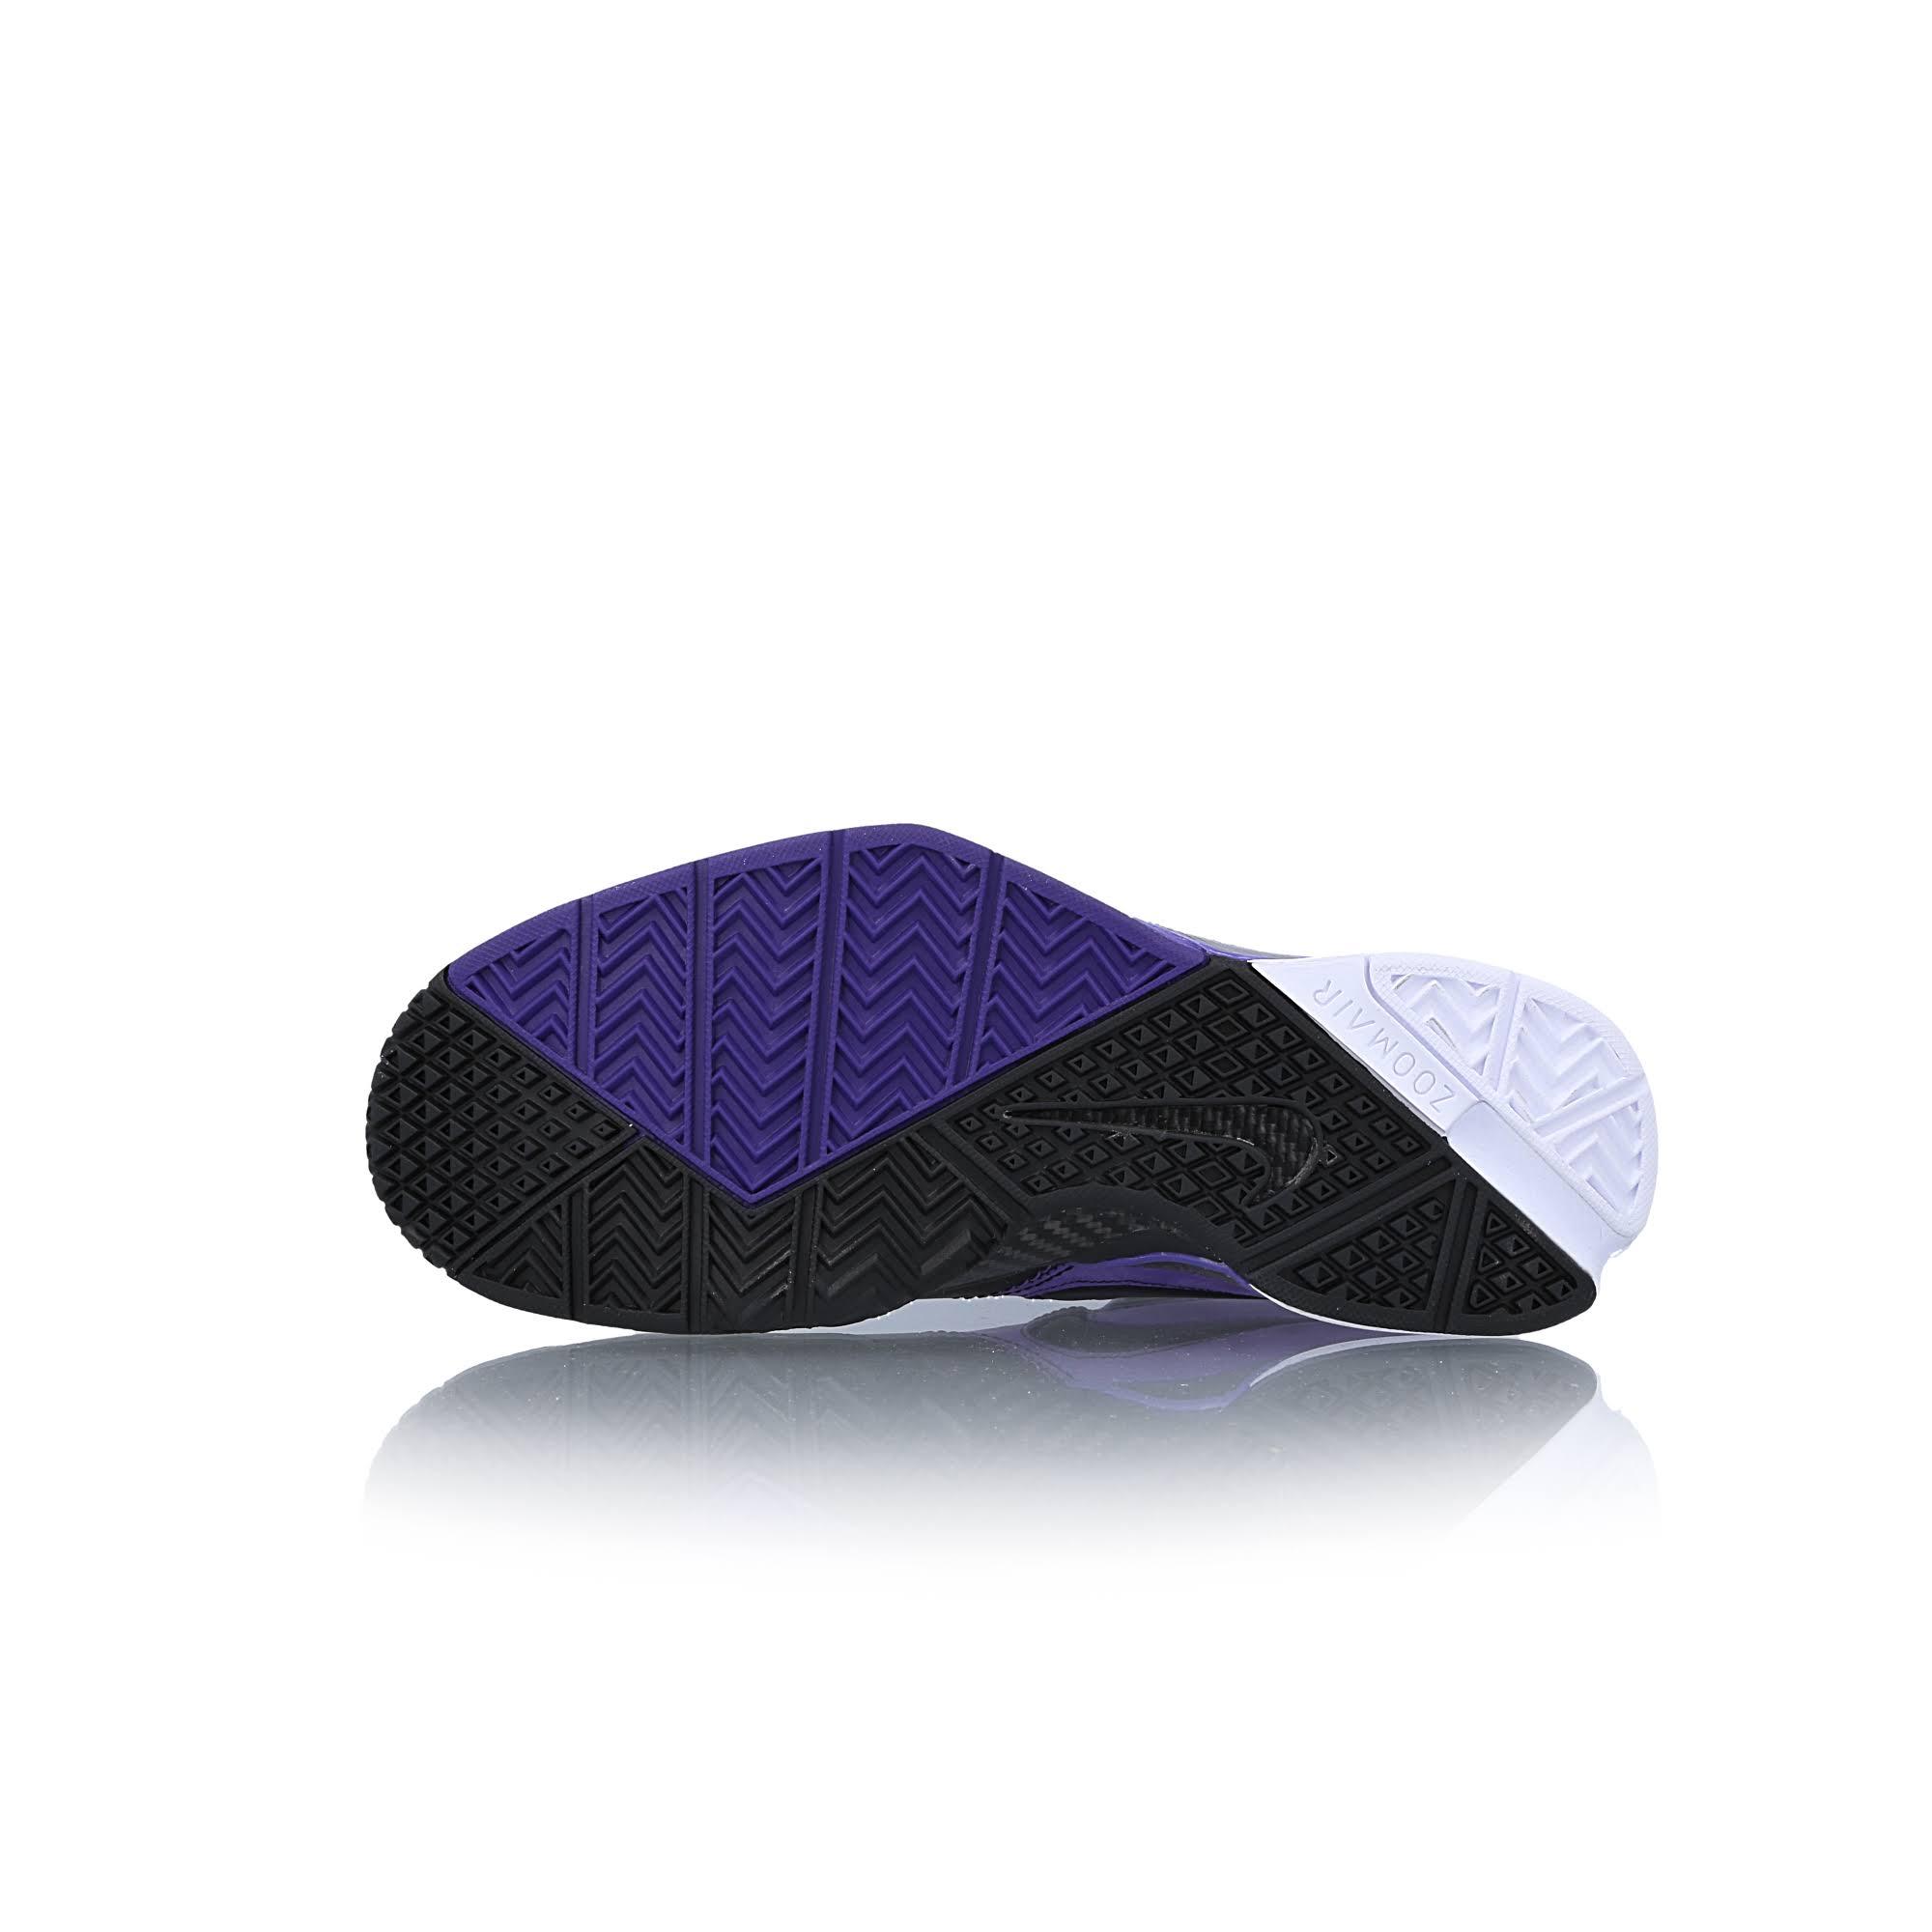 De Blanco Para Kobe Nike Protro Morado Zapatillas Universitario 1 Hombre Negro Baloncesto qIBRwzC